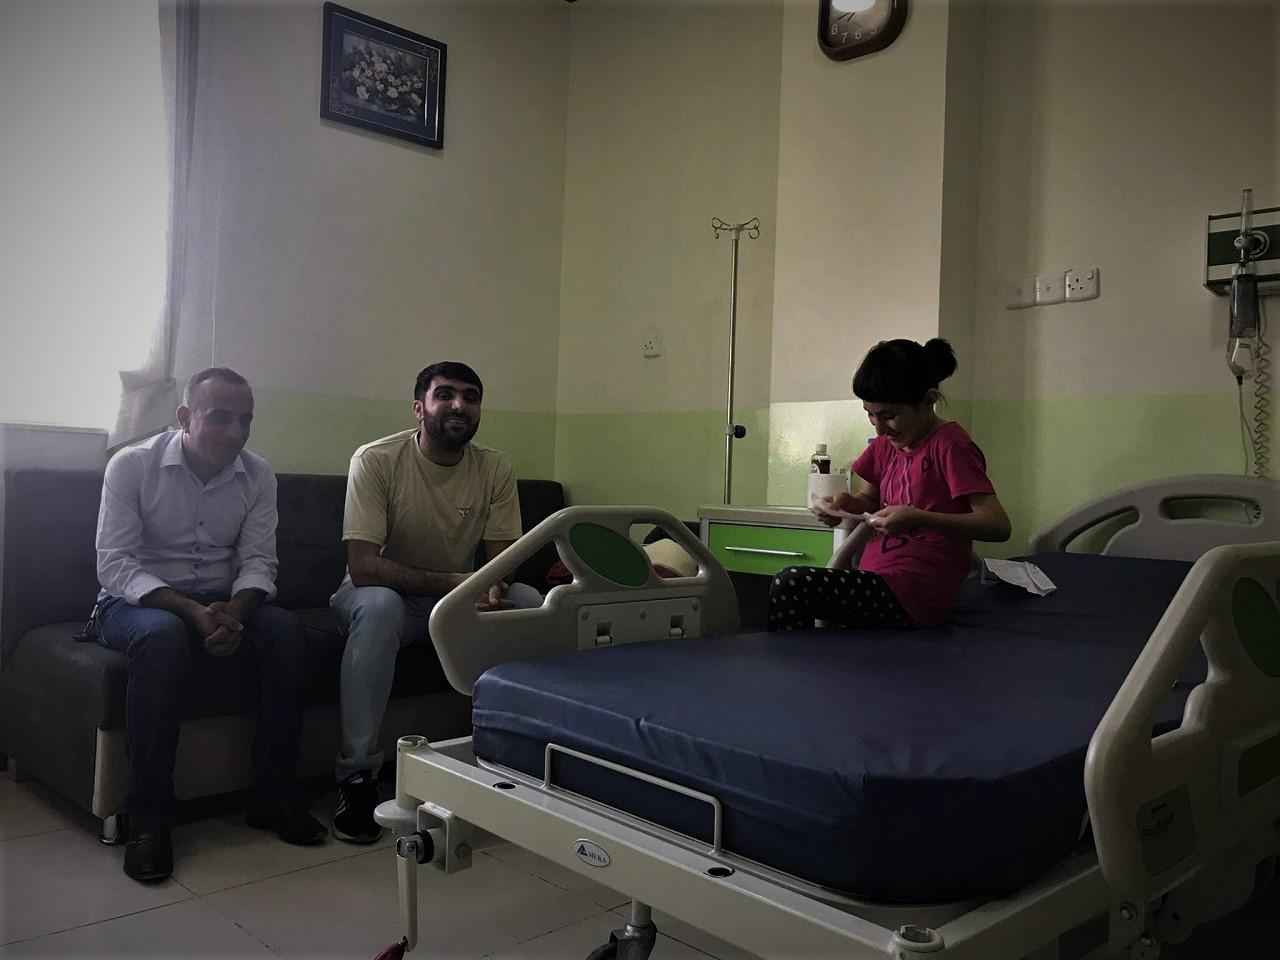 Ahdab dochodziła do siebie po operacji przez ponad 10 miesięcy